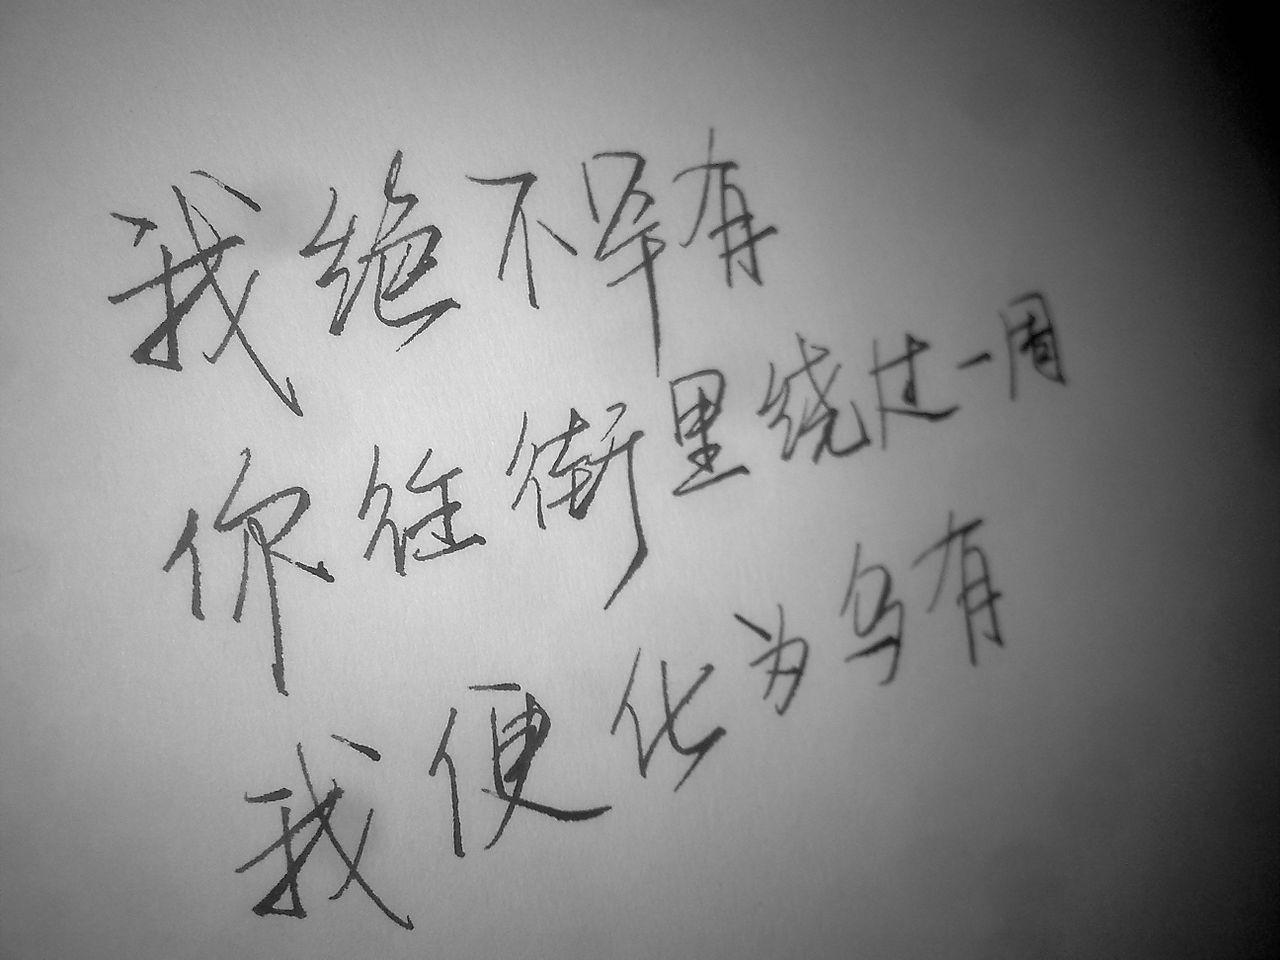 关于陈奕迅歌词的图片 。